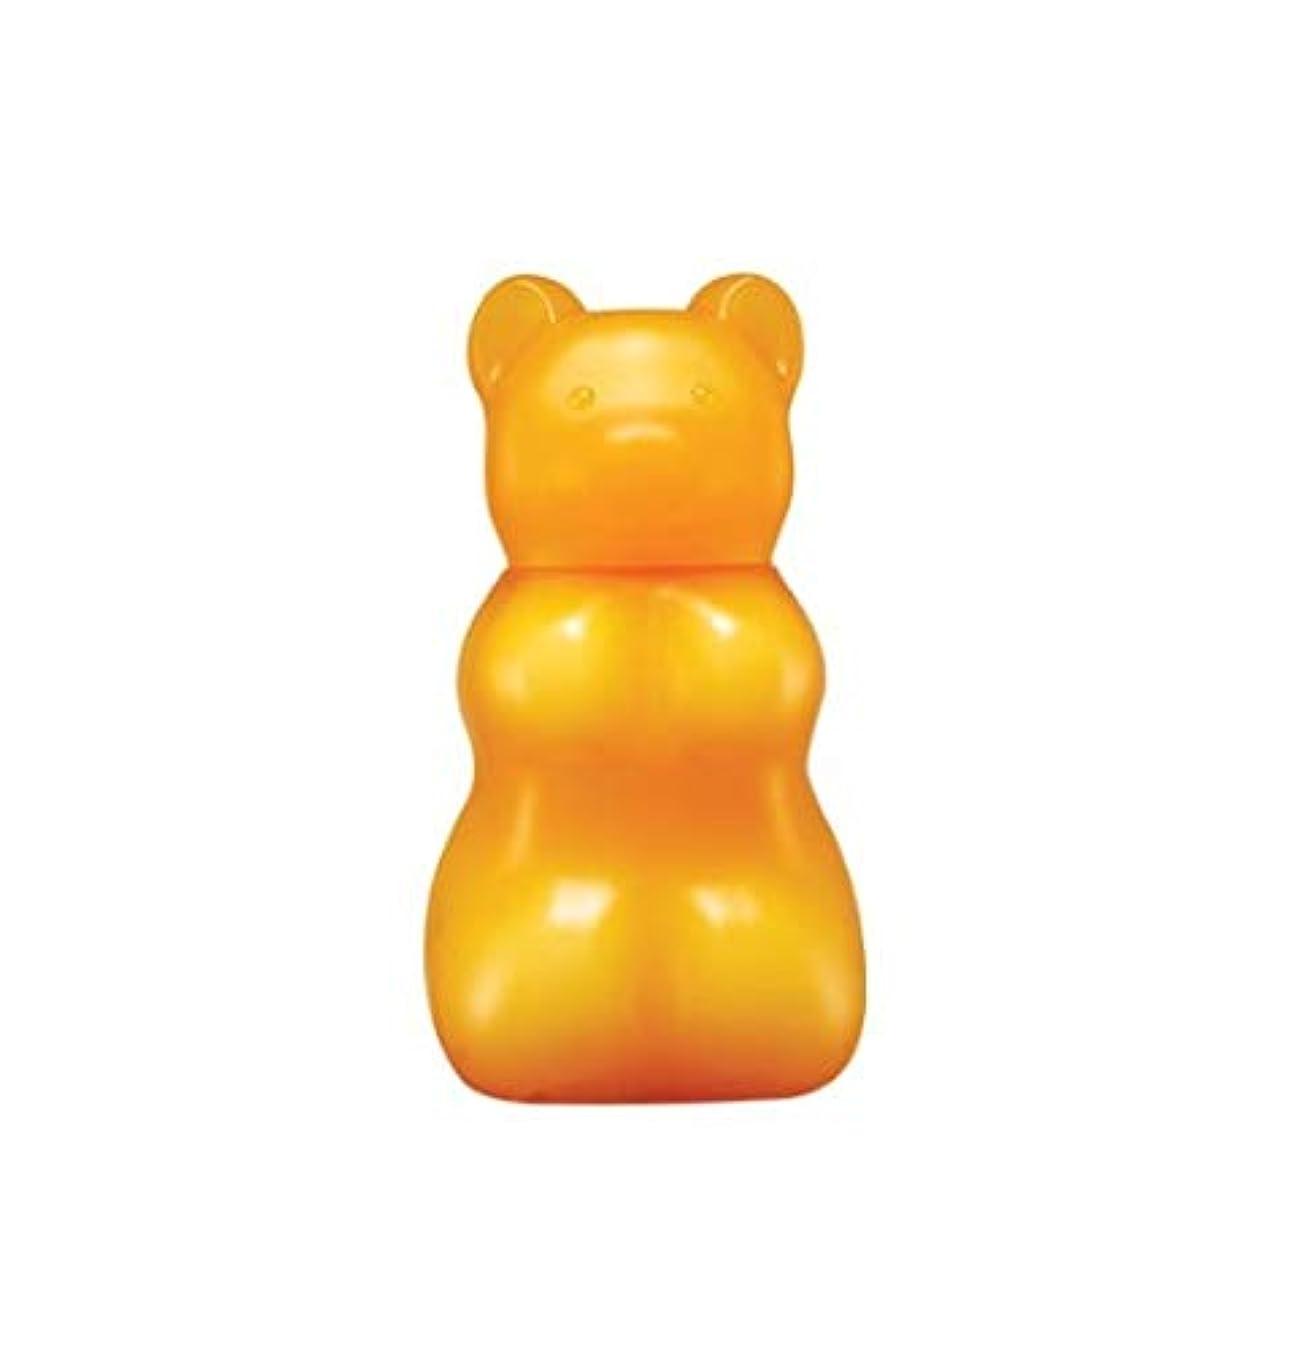 彫る未知のインデックスSkinfood グミベアゼリークリーンジェル(アップル)#オレンジ(ハンドクリーム) / Gummy Bear Jelly Clean Gel (Apple) #Orange (Hand Cream) 45ml [並行輸入品]